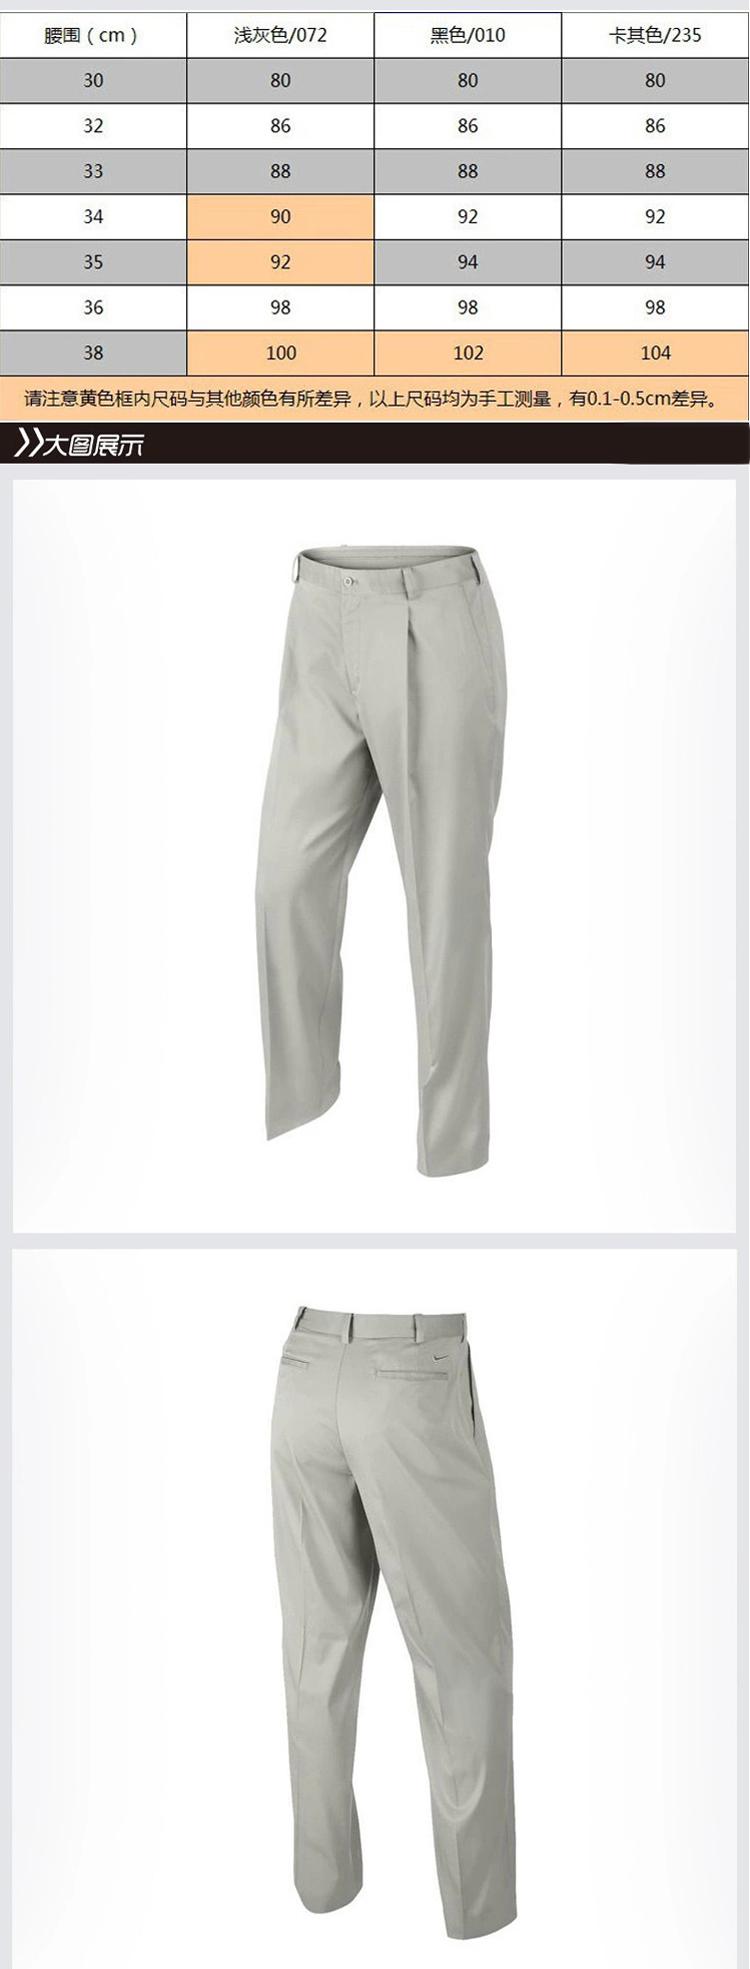 耐克(nike)高尔夫服装 男士长裤 夏新品 淡灰色